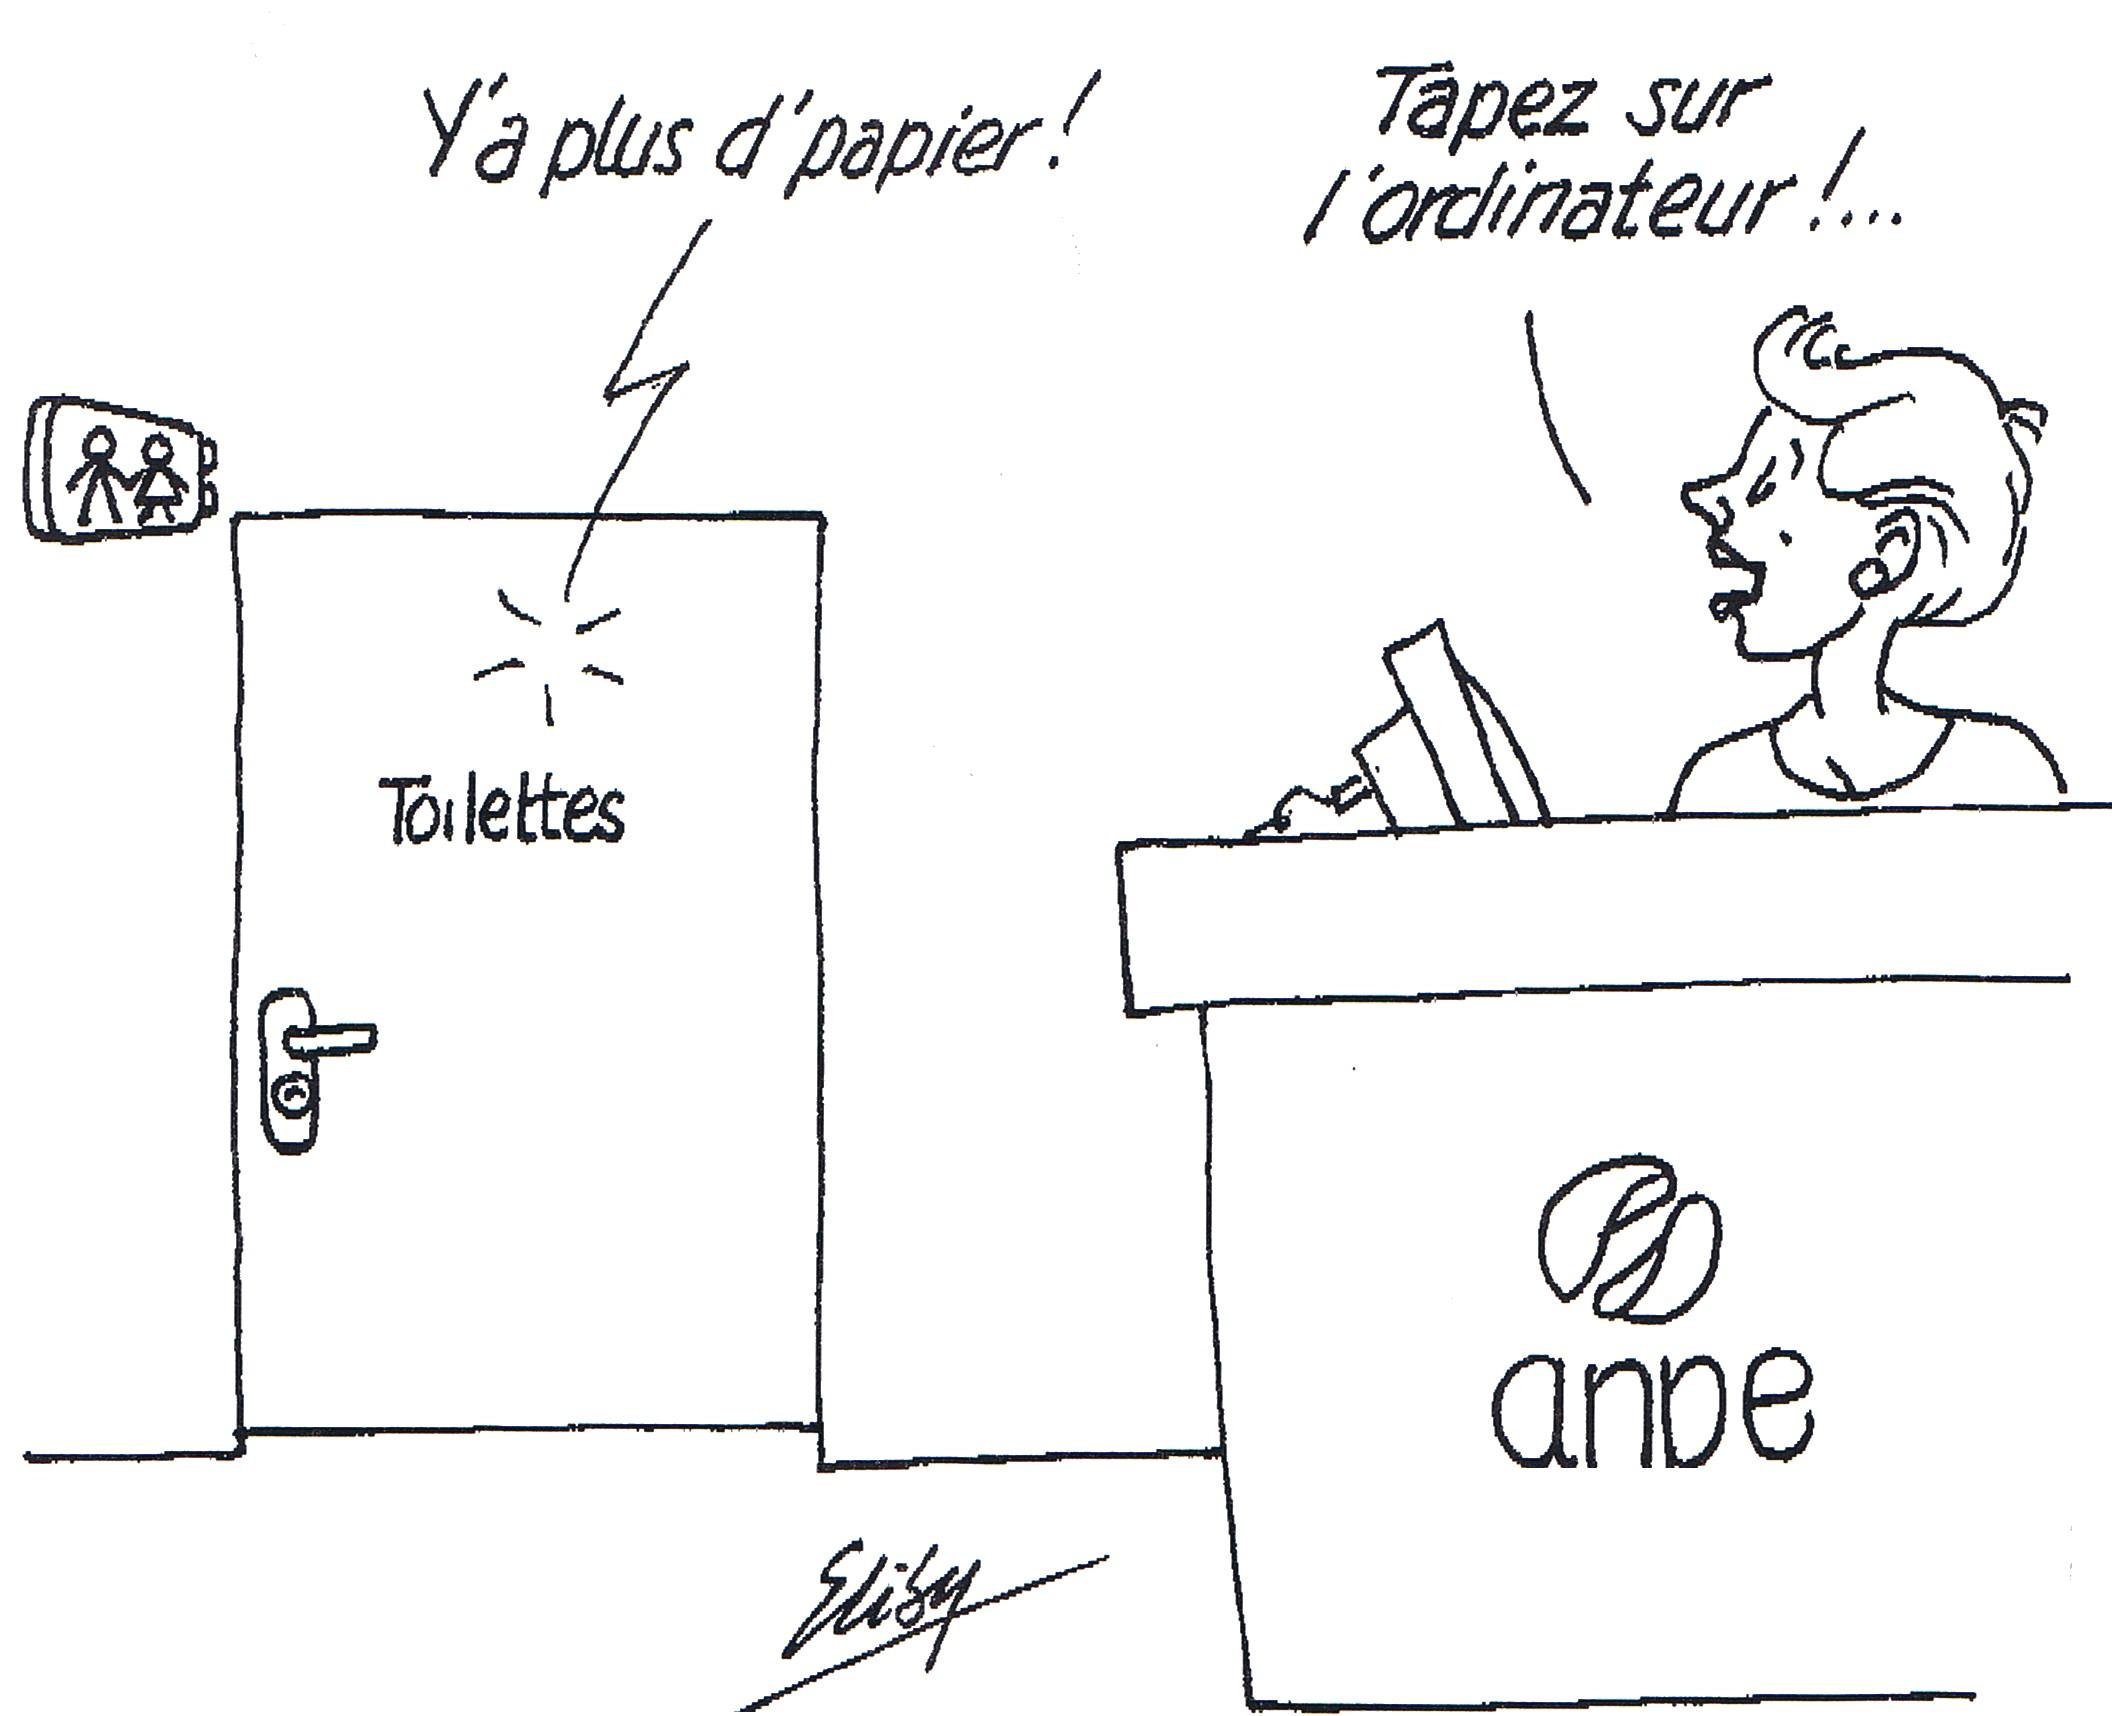 ANPE : dématérialisée - Journal La Mée Châteaubriant